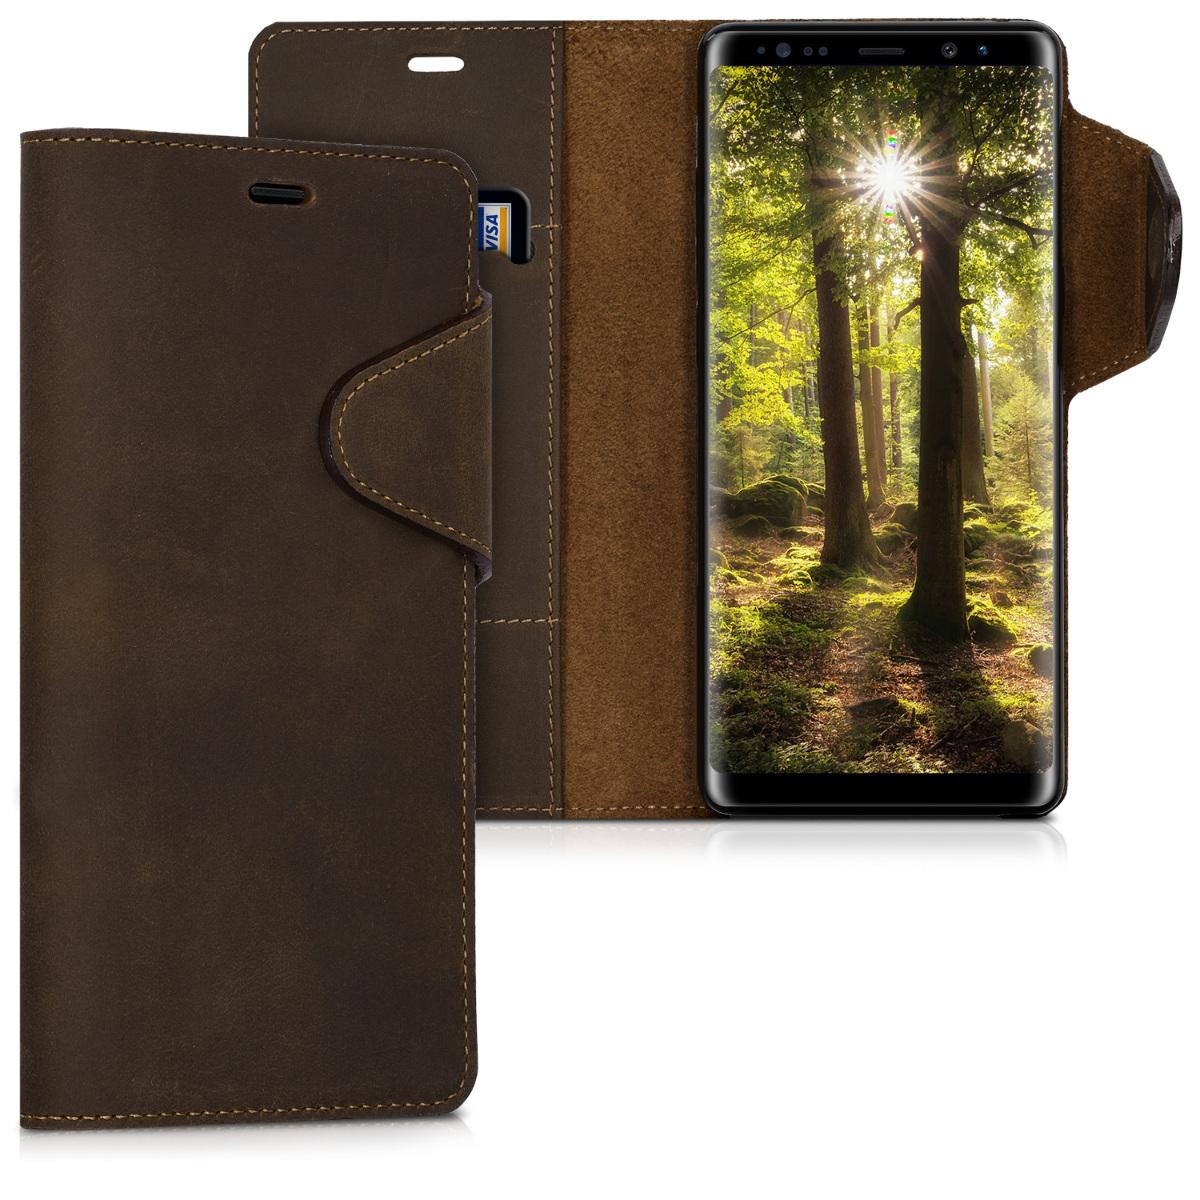 Kalibri Δερμάτινη Suede Θήκη - Πορτοφόλι Samsung Galaxy Note 8 - Brown (42844.05)